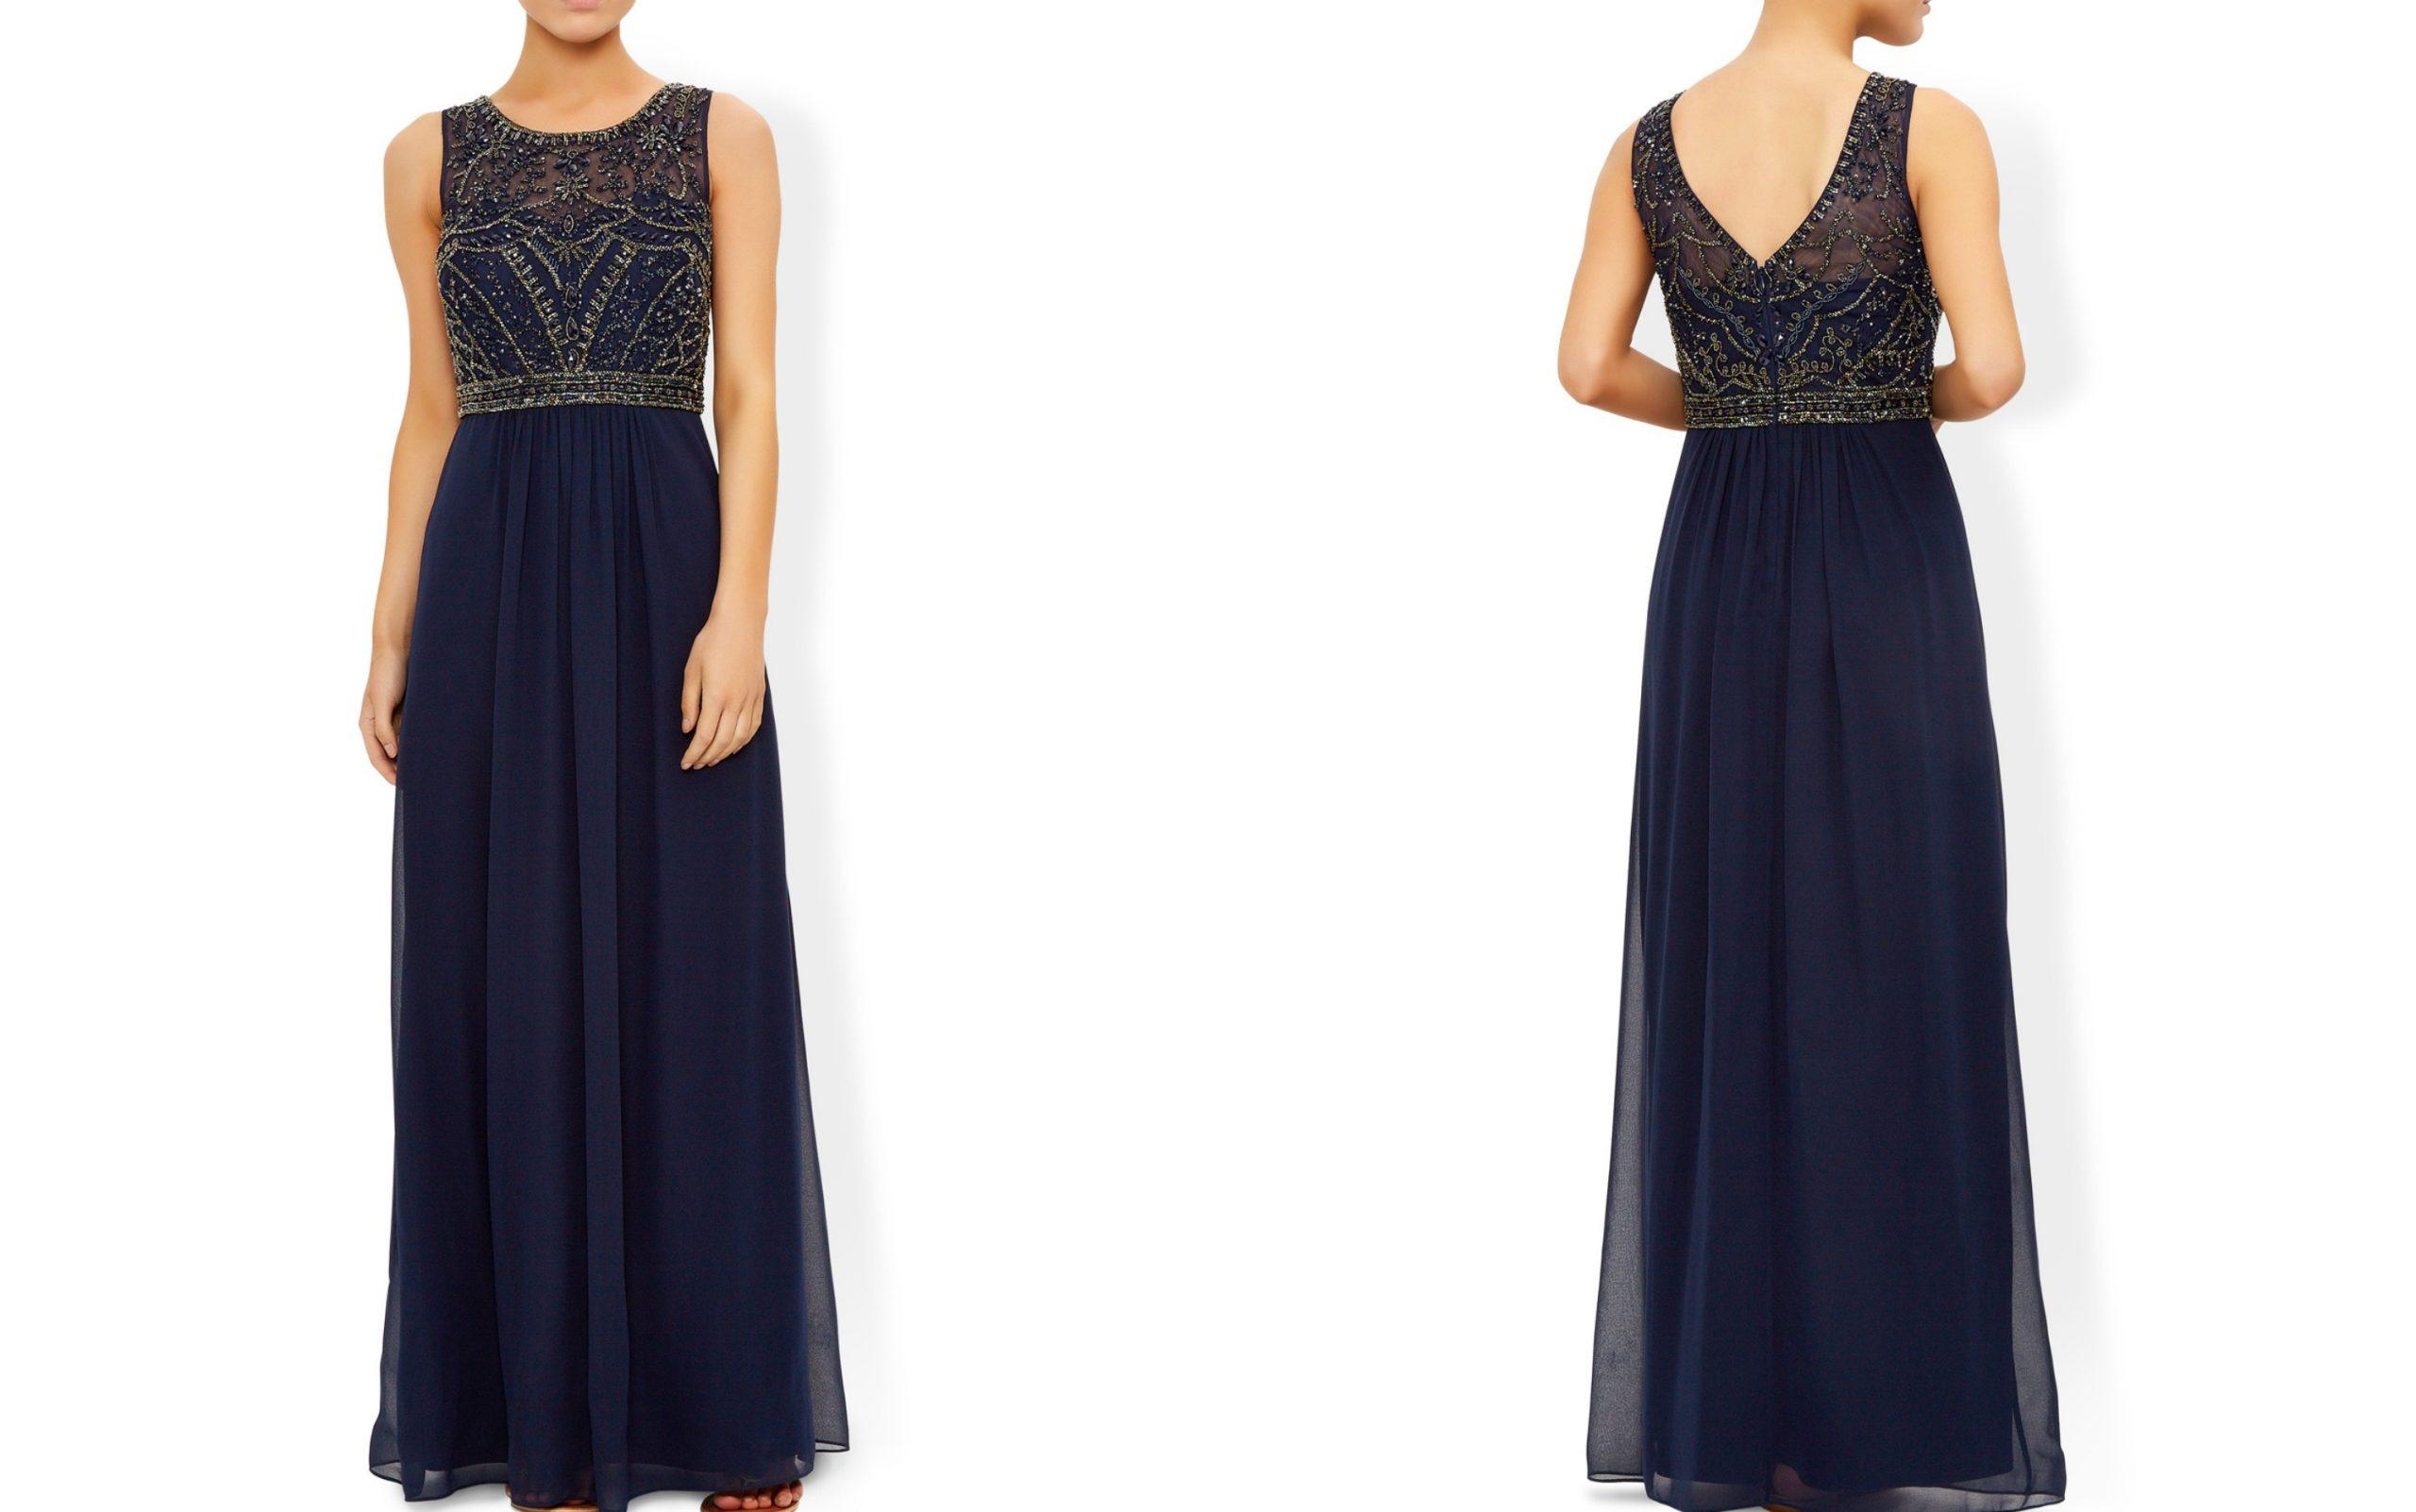 Designer Schön Nachhaltiges Abendkleid Spezialgebiet10 Luxus Nachhaltiges Abendkleid Boutique